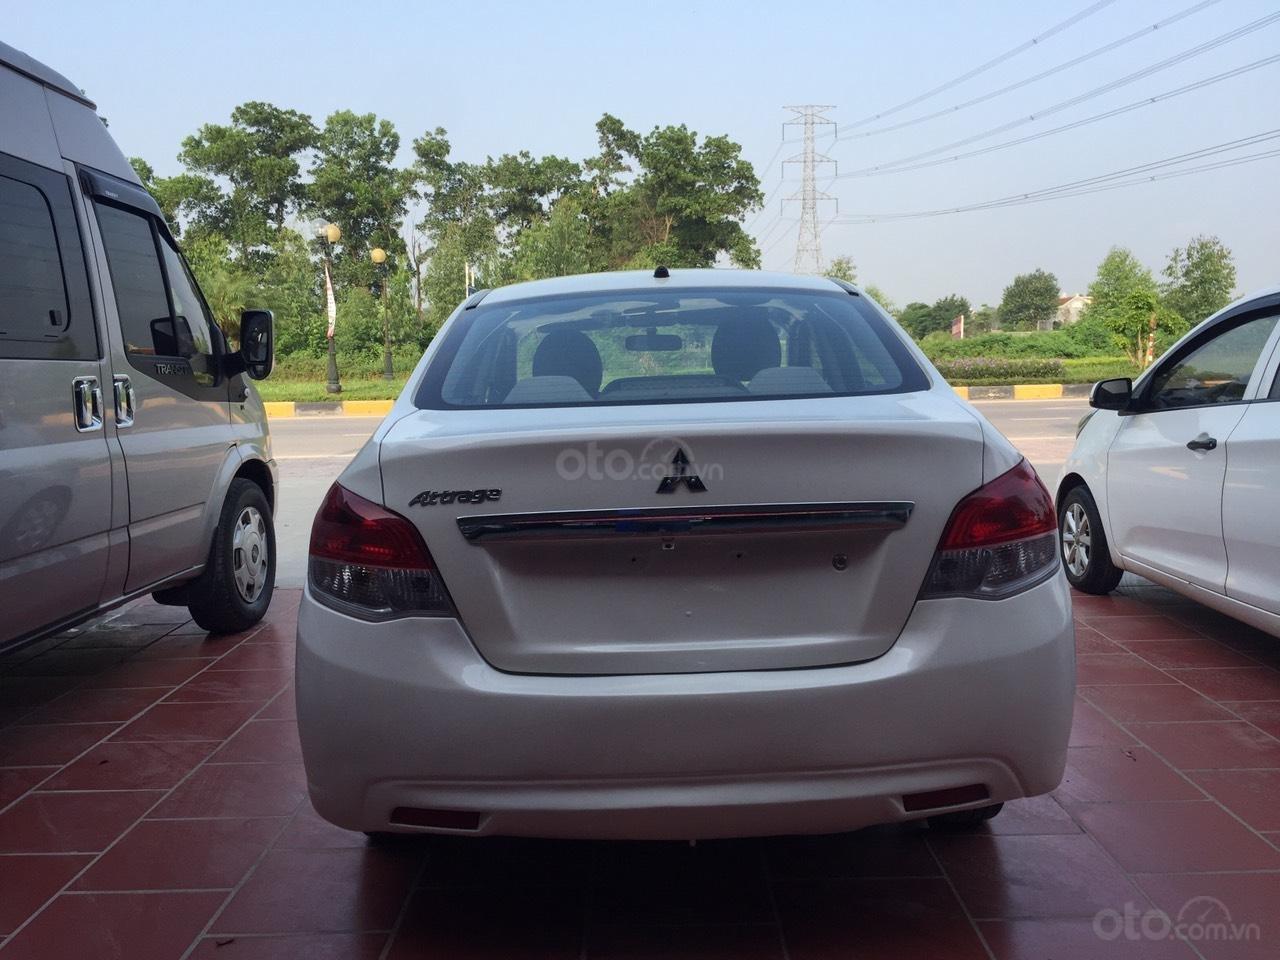 Bán ô tô Mitsubishi Attrage đời 2015, giá 200tr xe đẹp long lanh như mới (6)